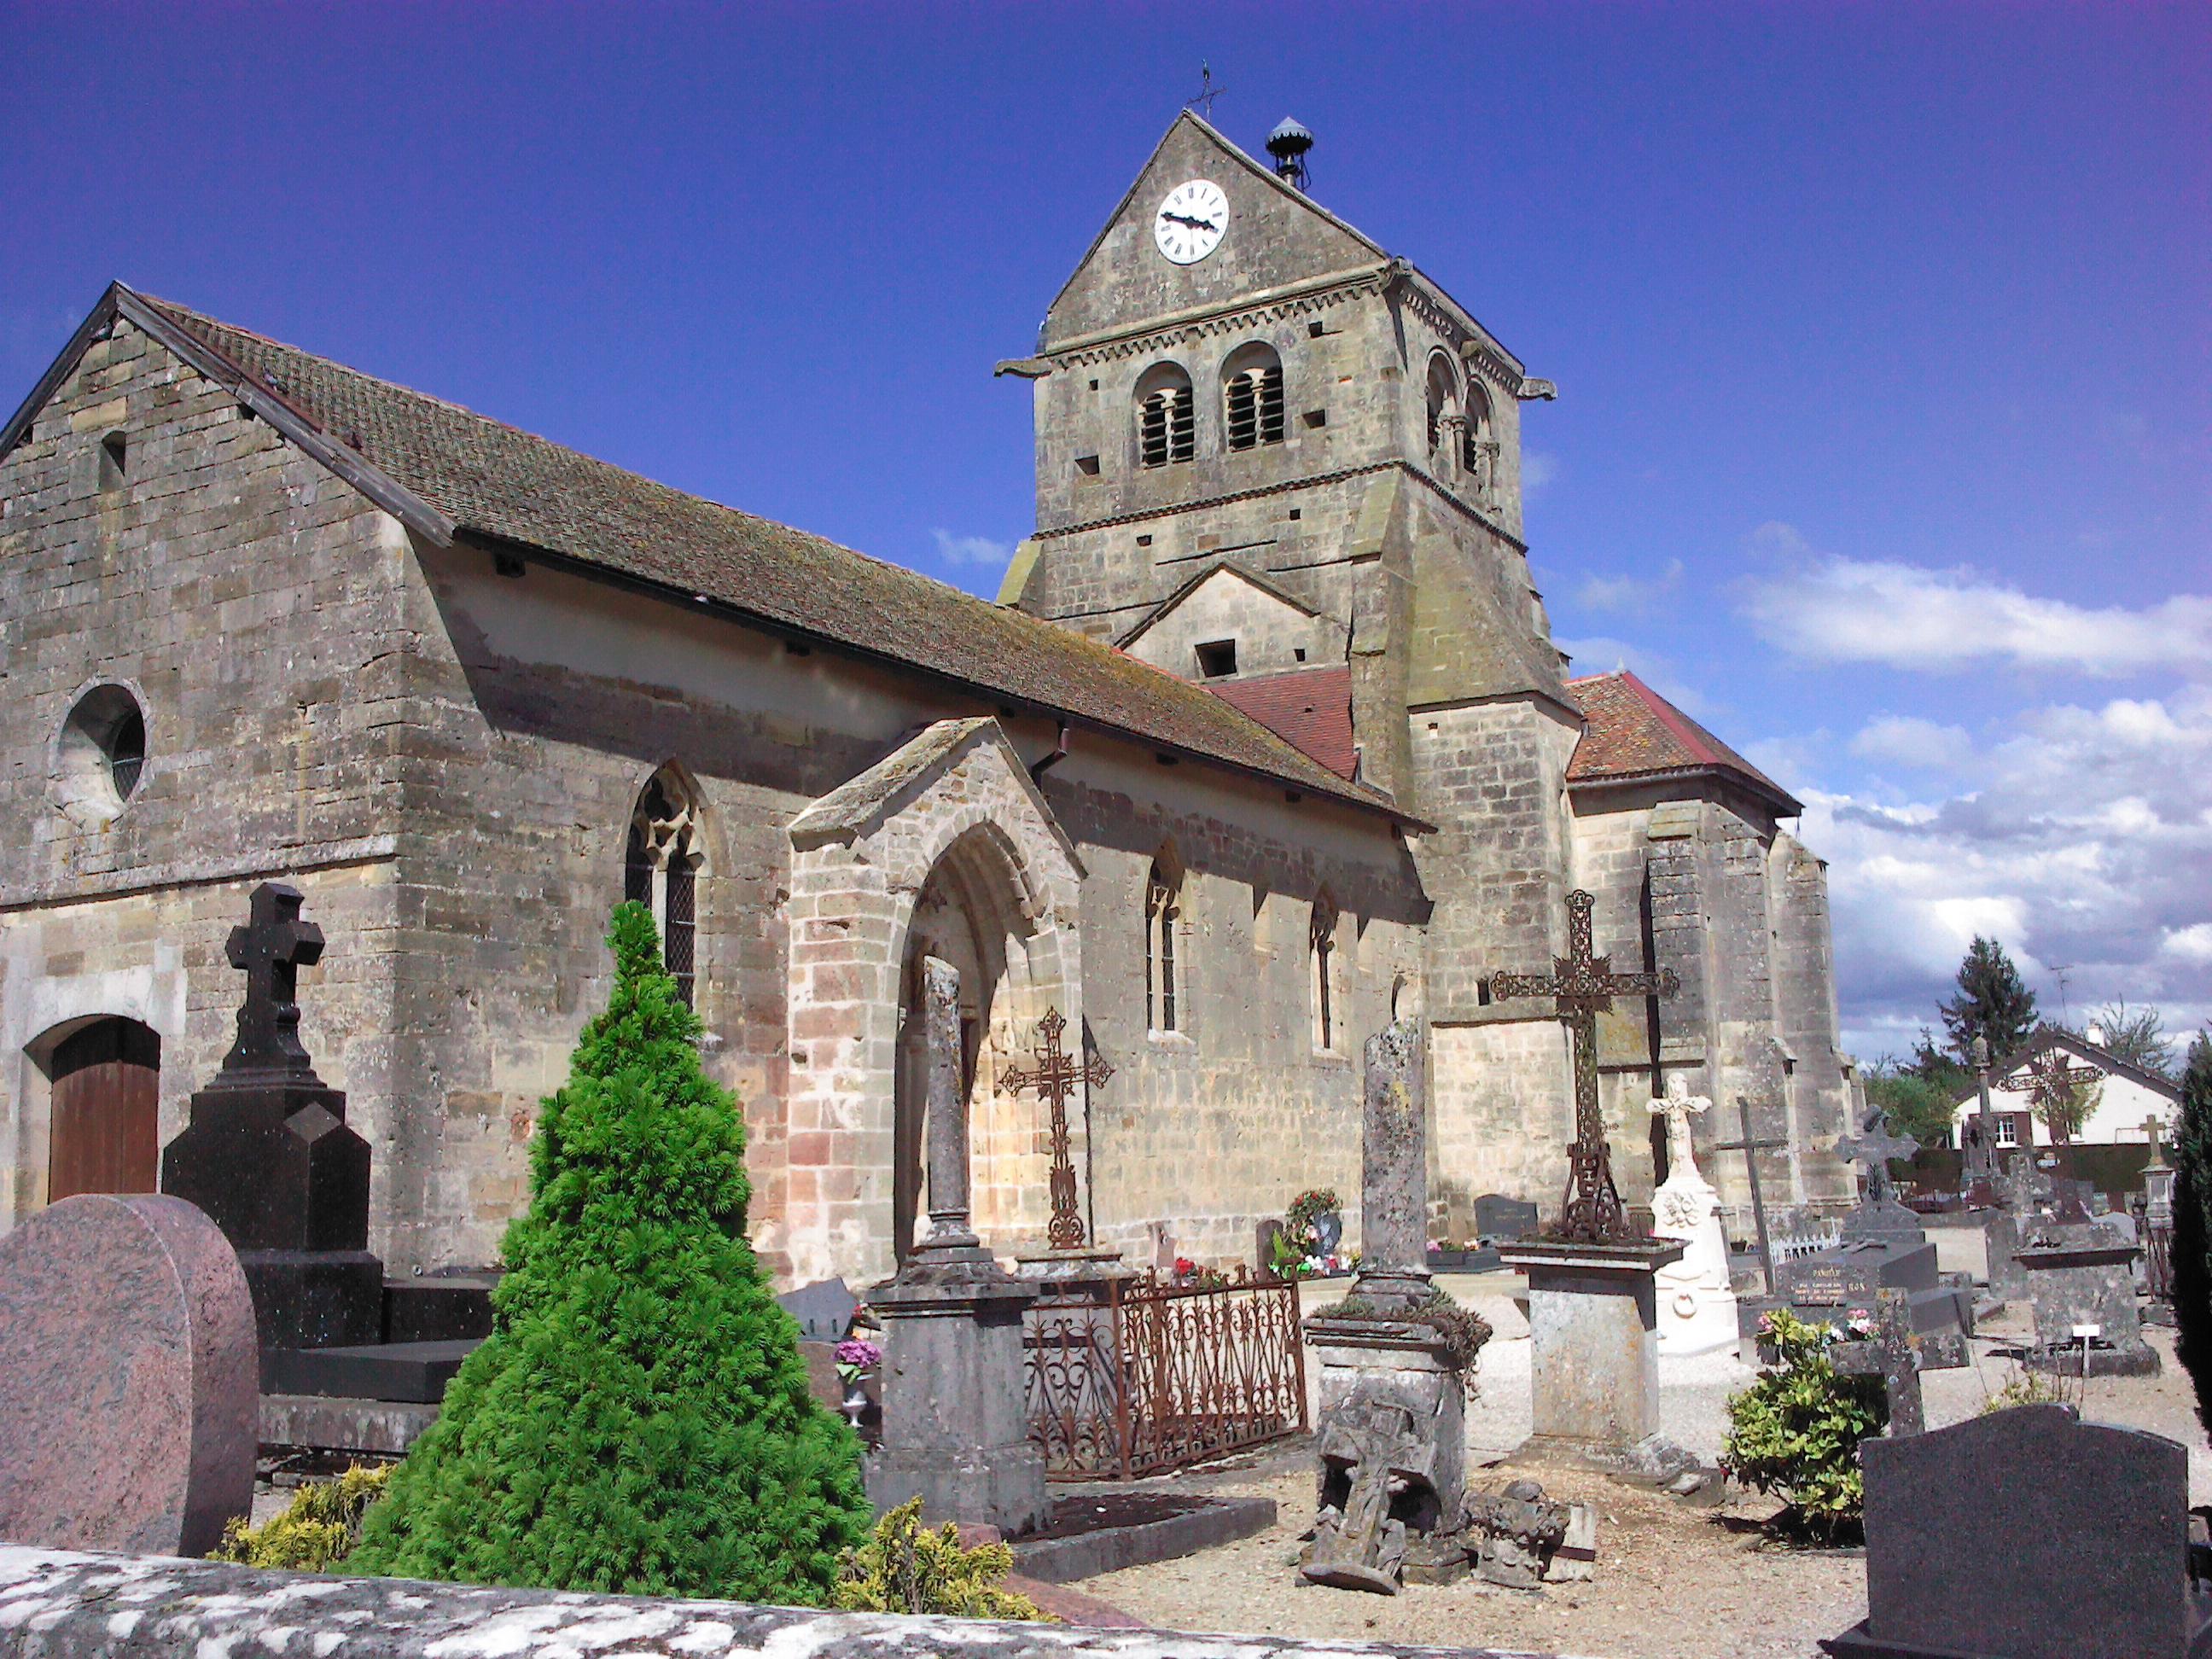 Saint-Vrain, Marne